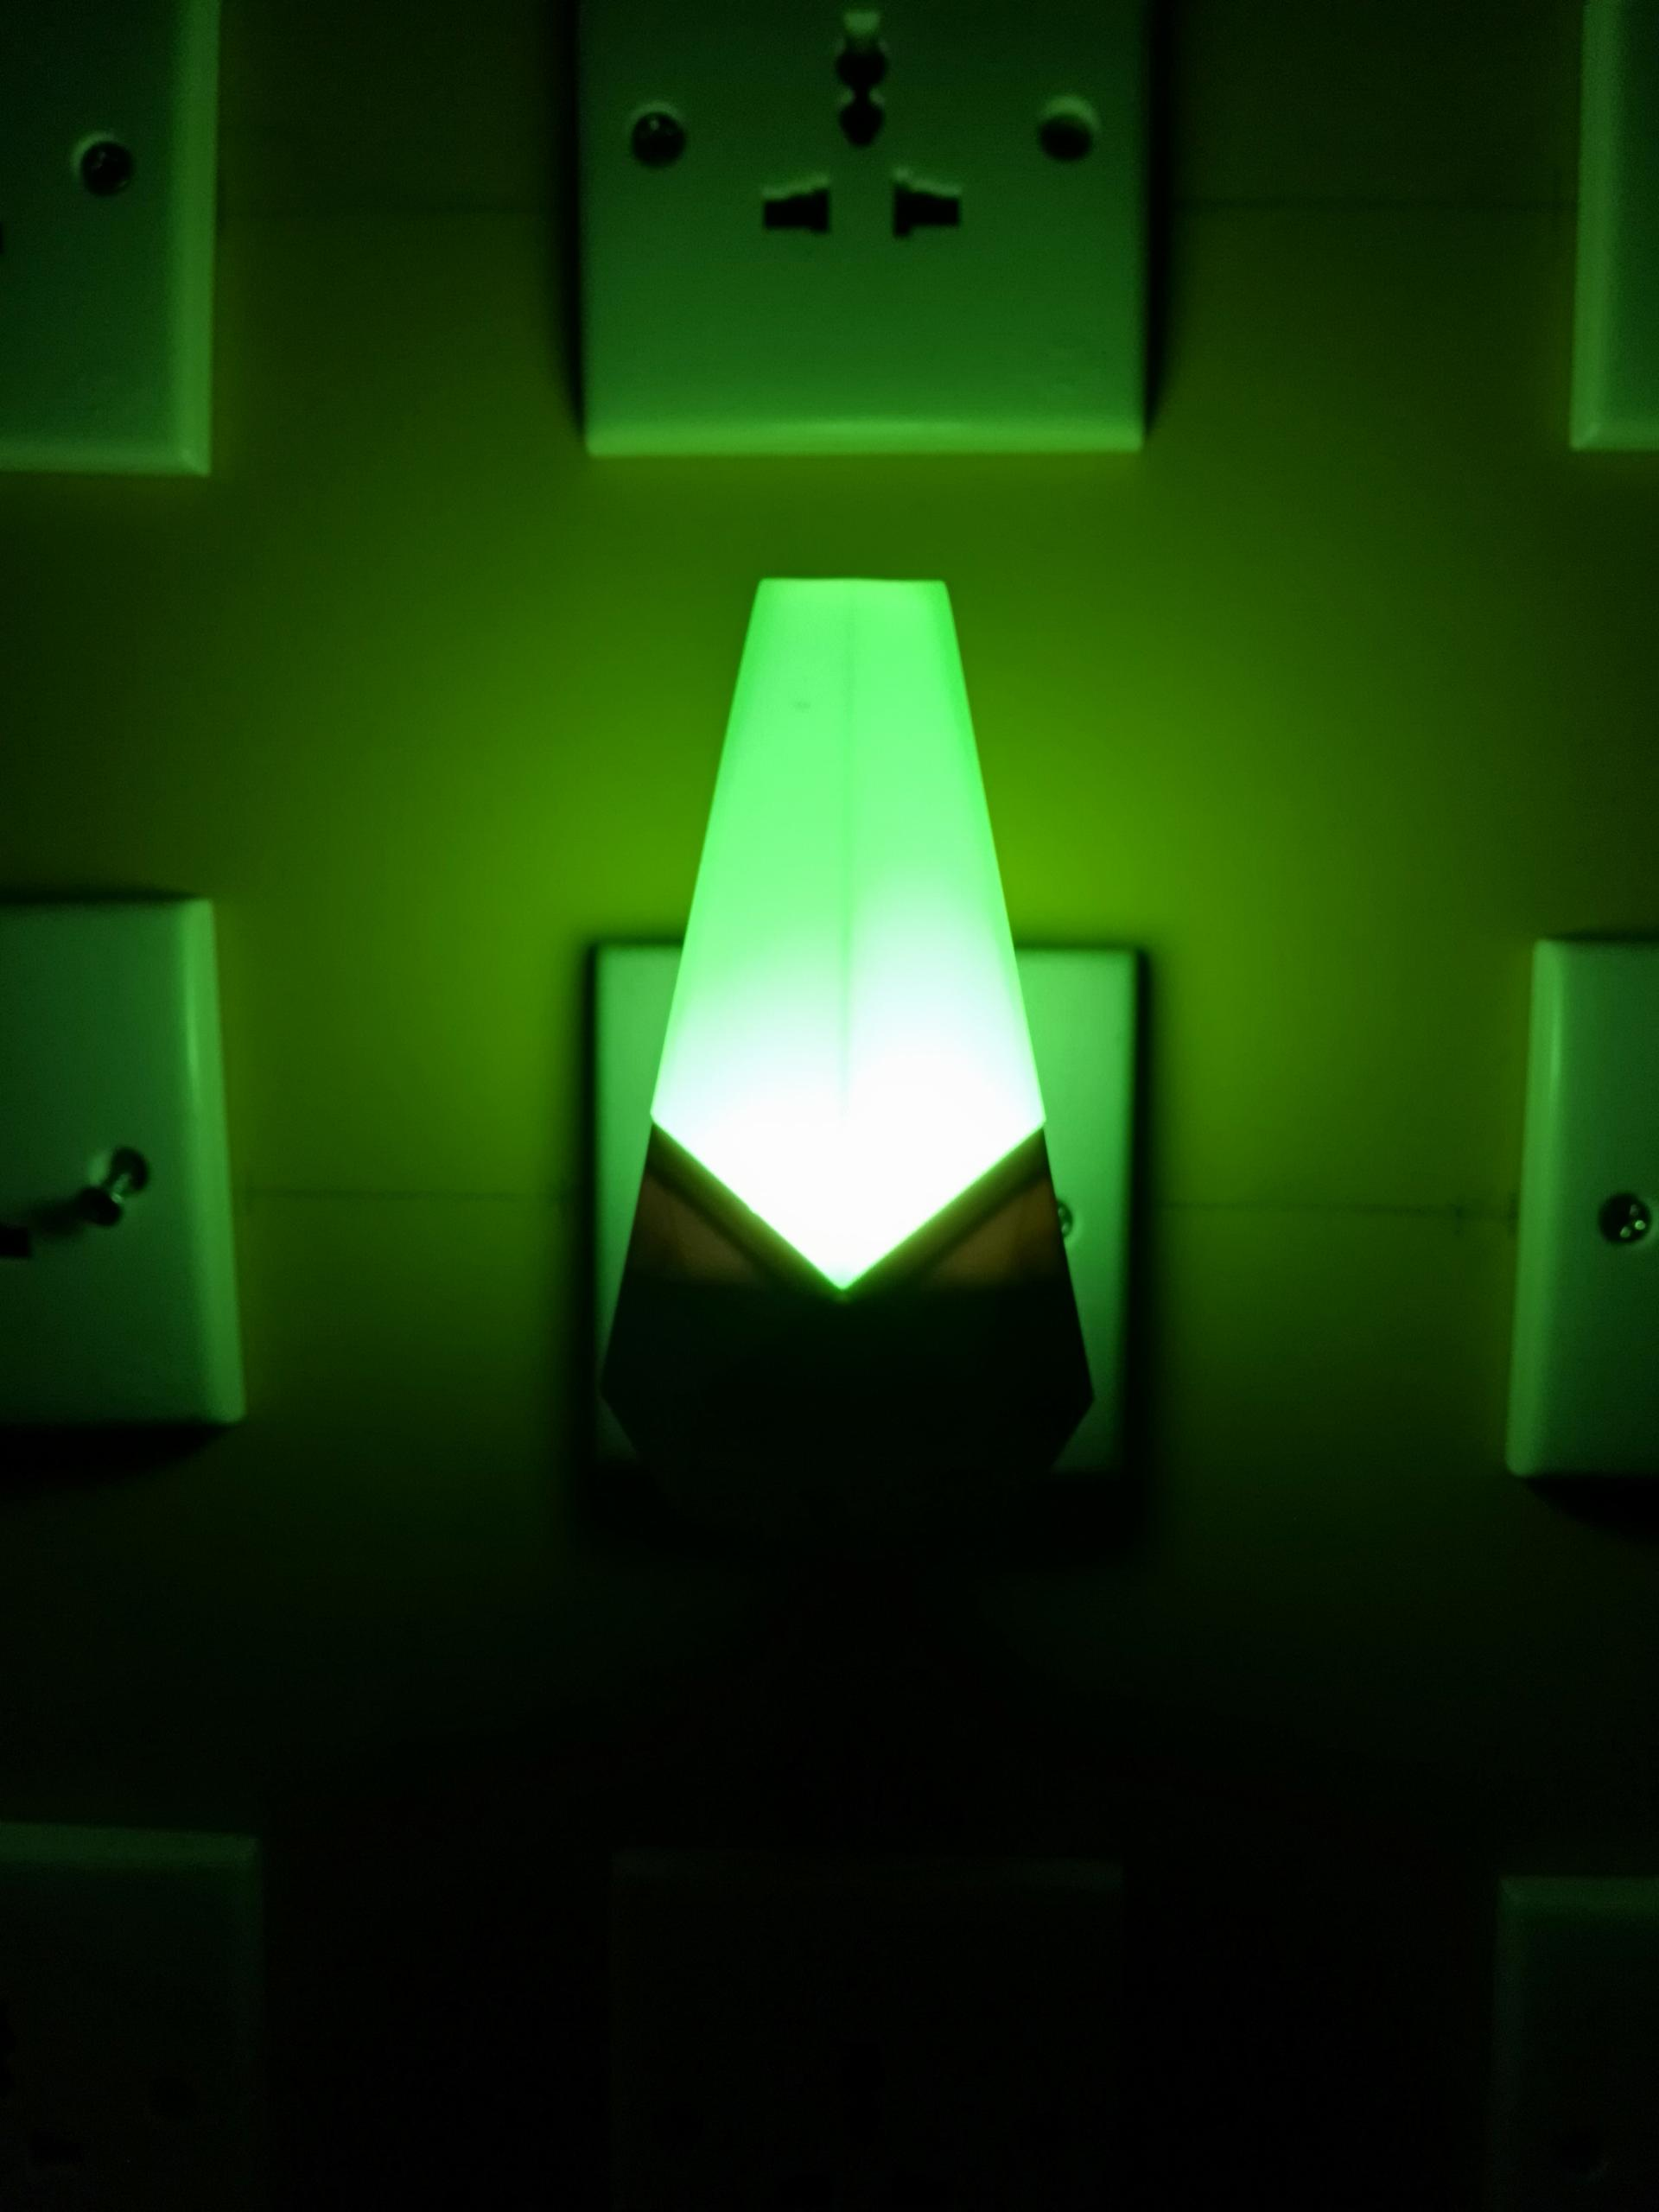 OEM 0.6W ACW054 4 SMD mini switch Sensor plug in night light